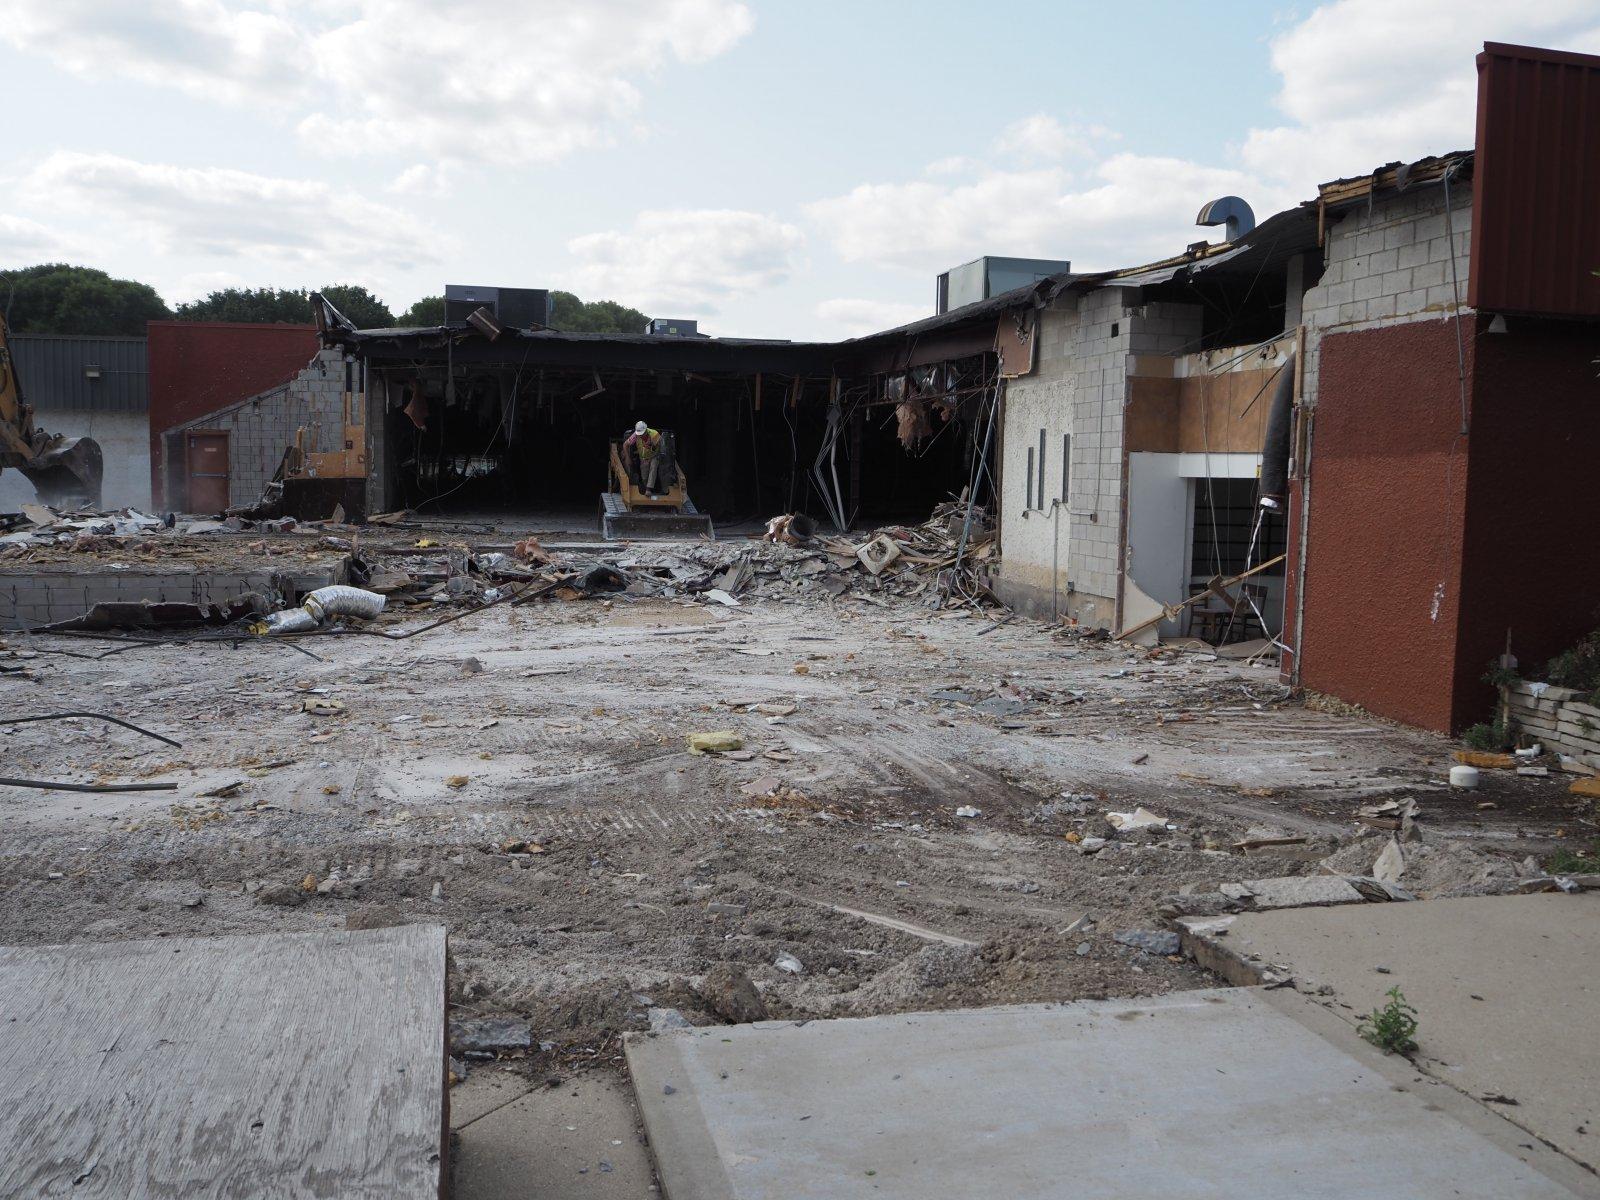 1237 N. Van Buren St. Demolition